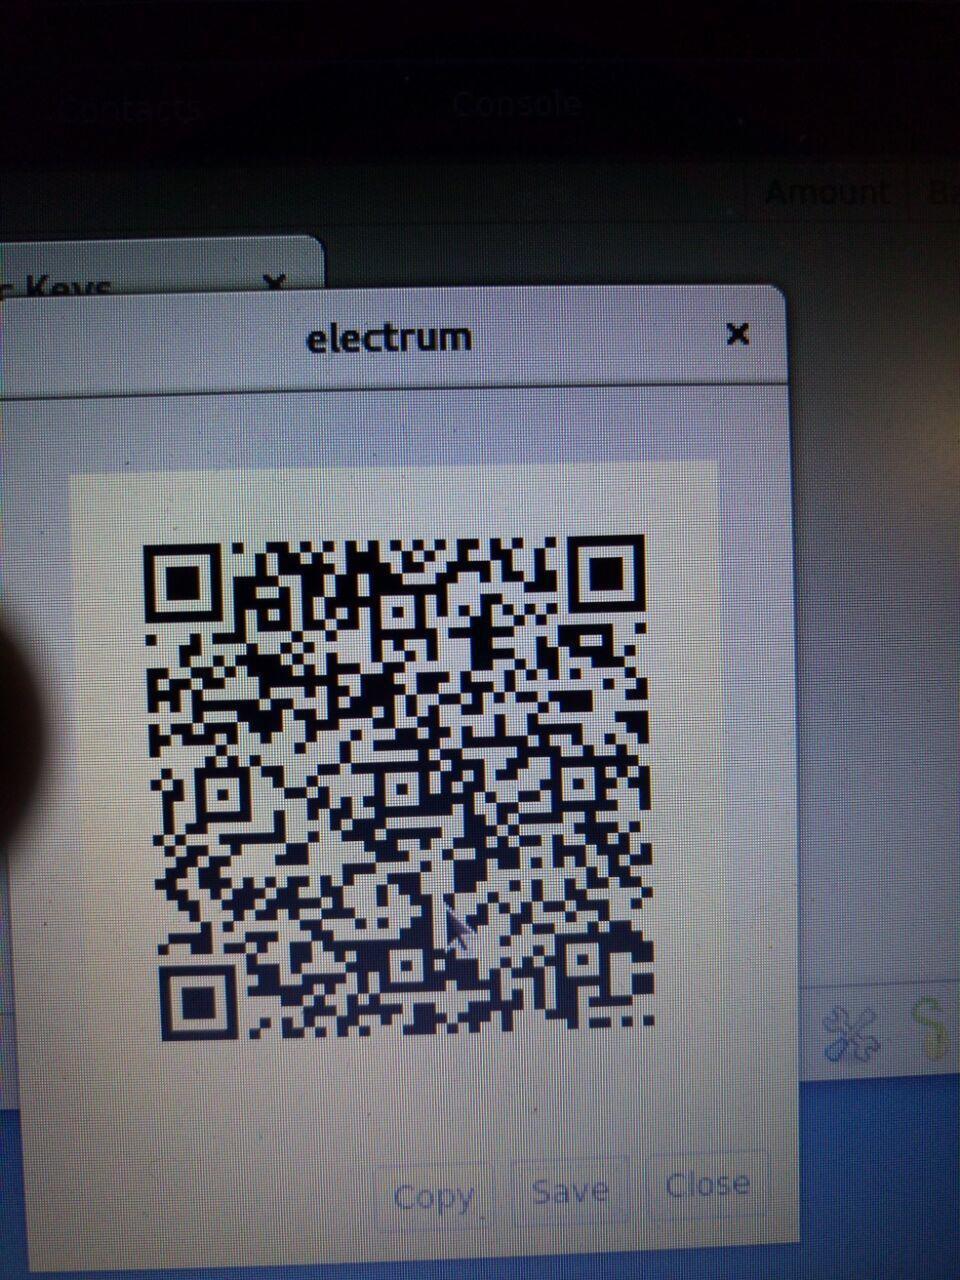 e4581b1fa3e8ac4c9d12c.jpg